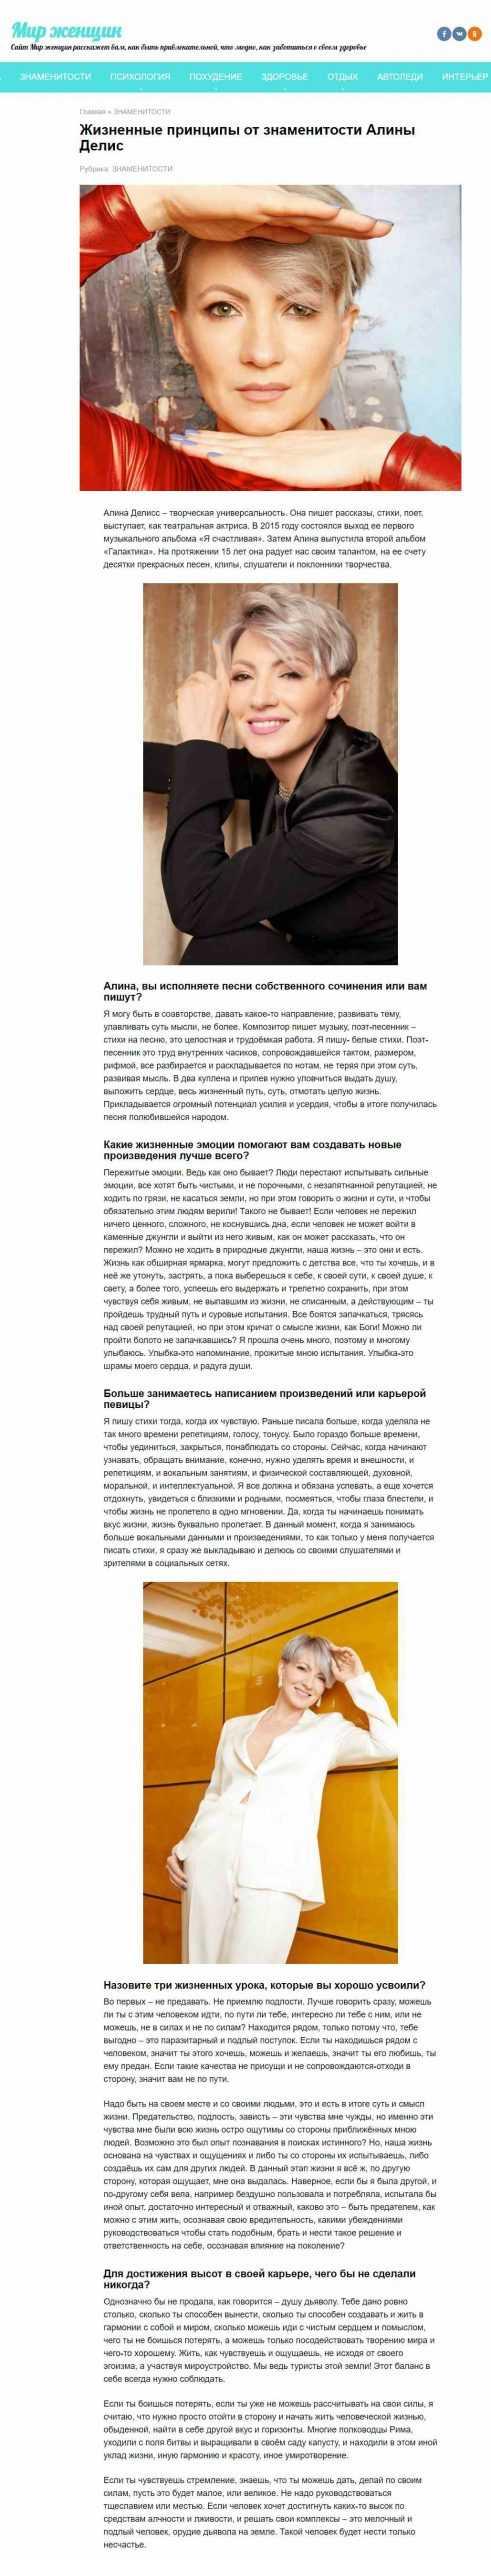 Жизненные принципы от знаменитости Алины Делис (women-planet.ru)